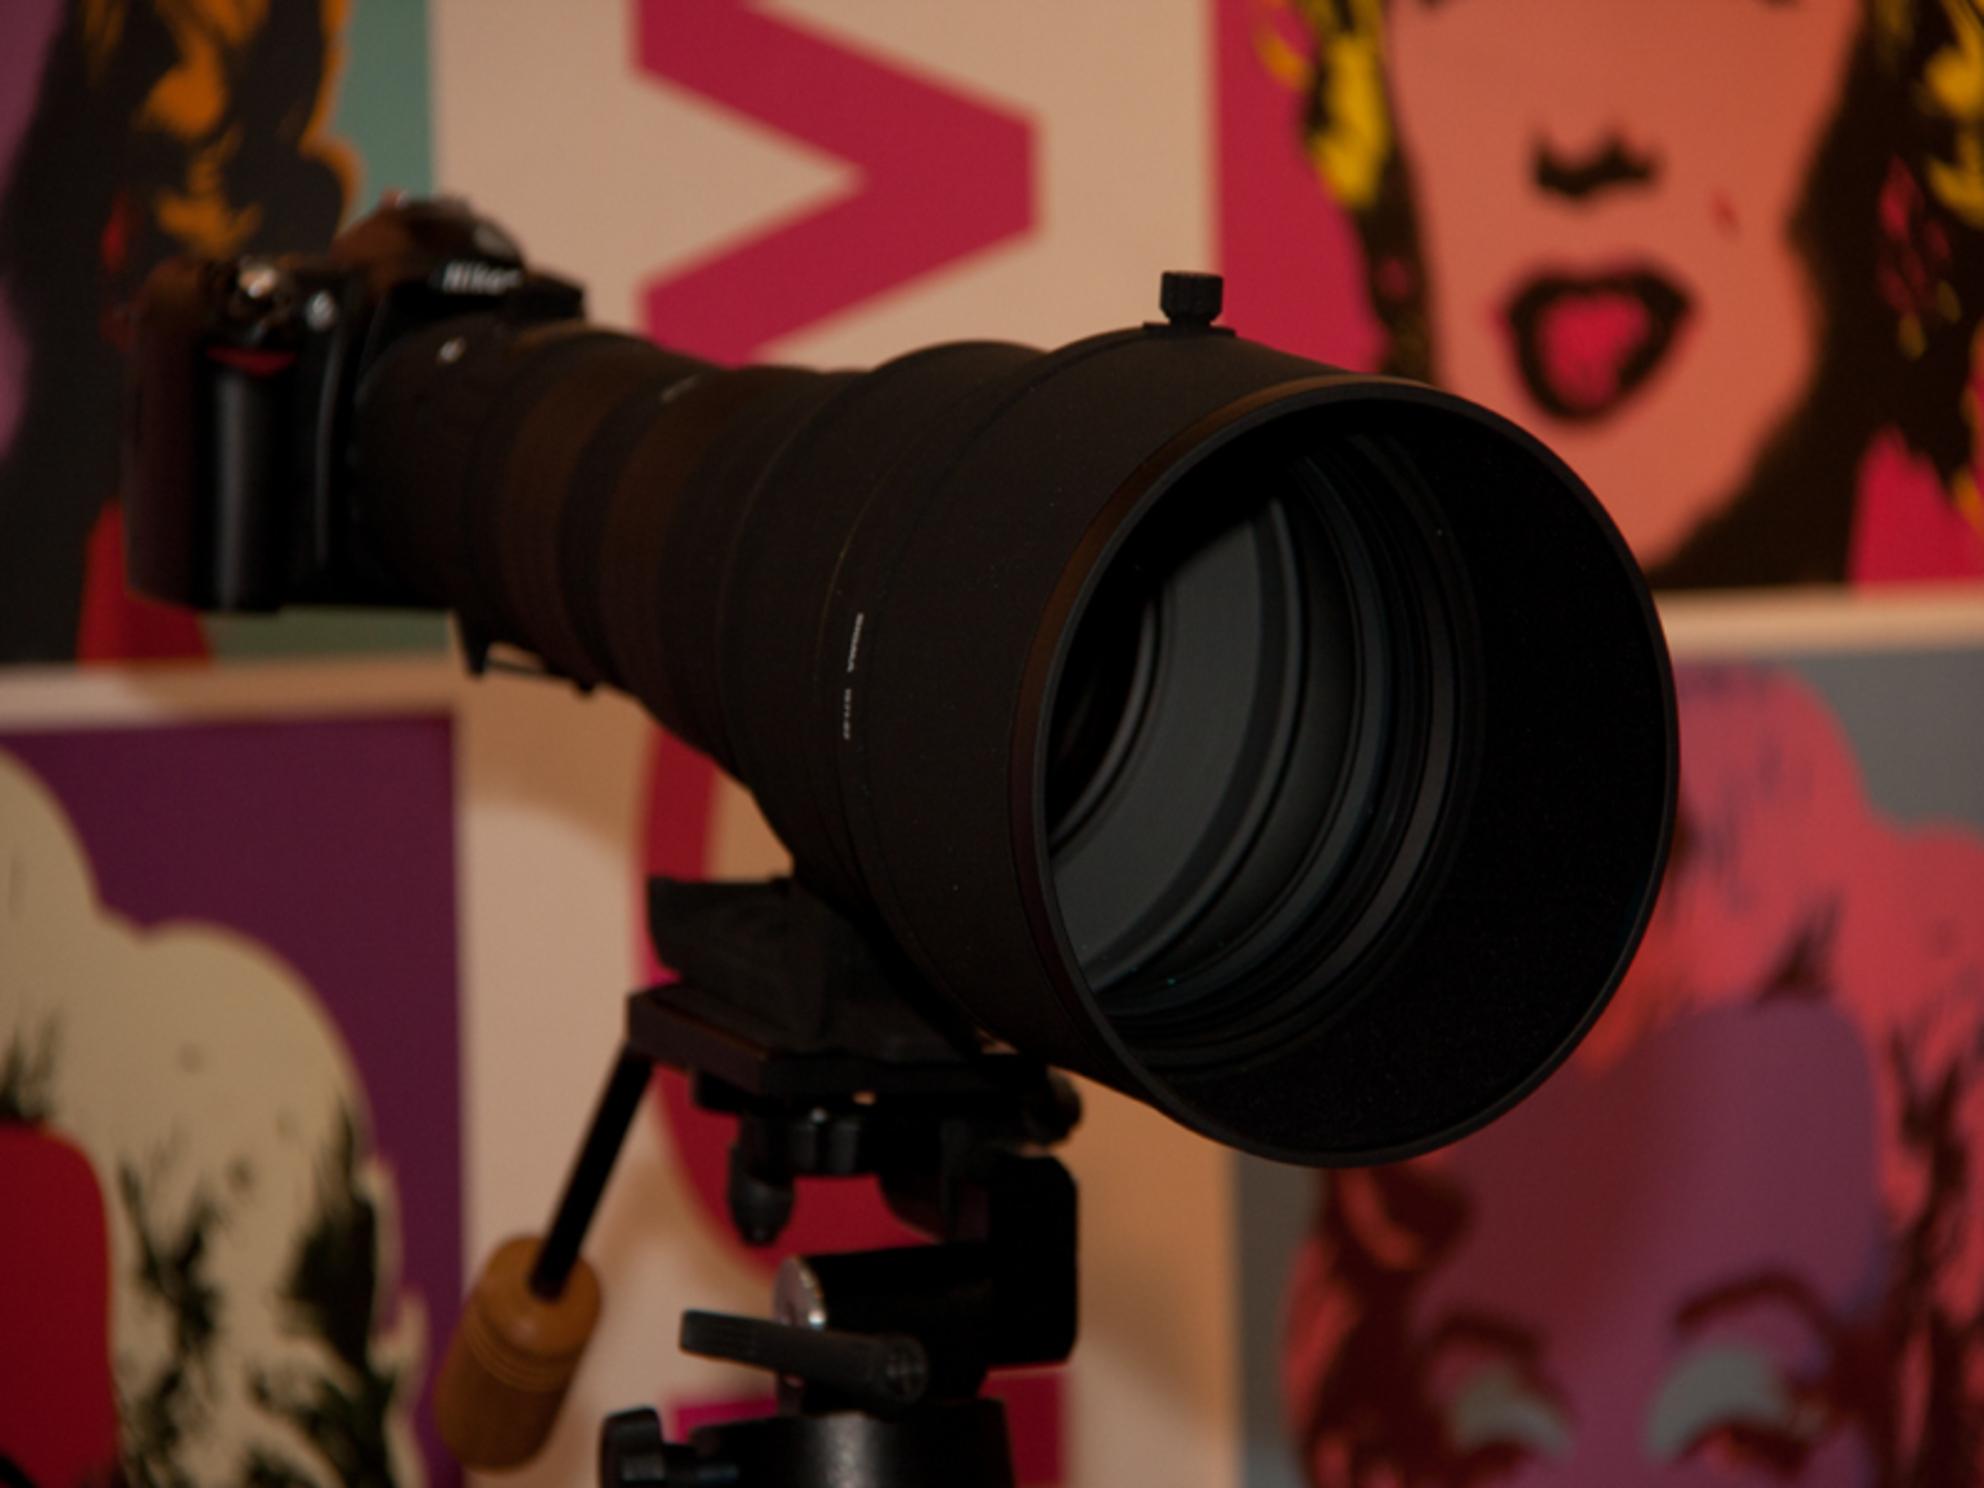 Sigma stand - zoom experience 28 november 2010 - foto door RoadQueen op 30-11-2010 - deze foto bevat: zoom, canon, mooi, sigma, experience - Deze foto mag gebruikt worden in een Zoom.nl publicatie